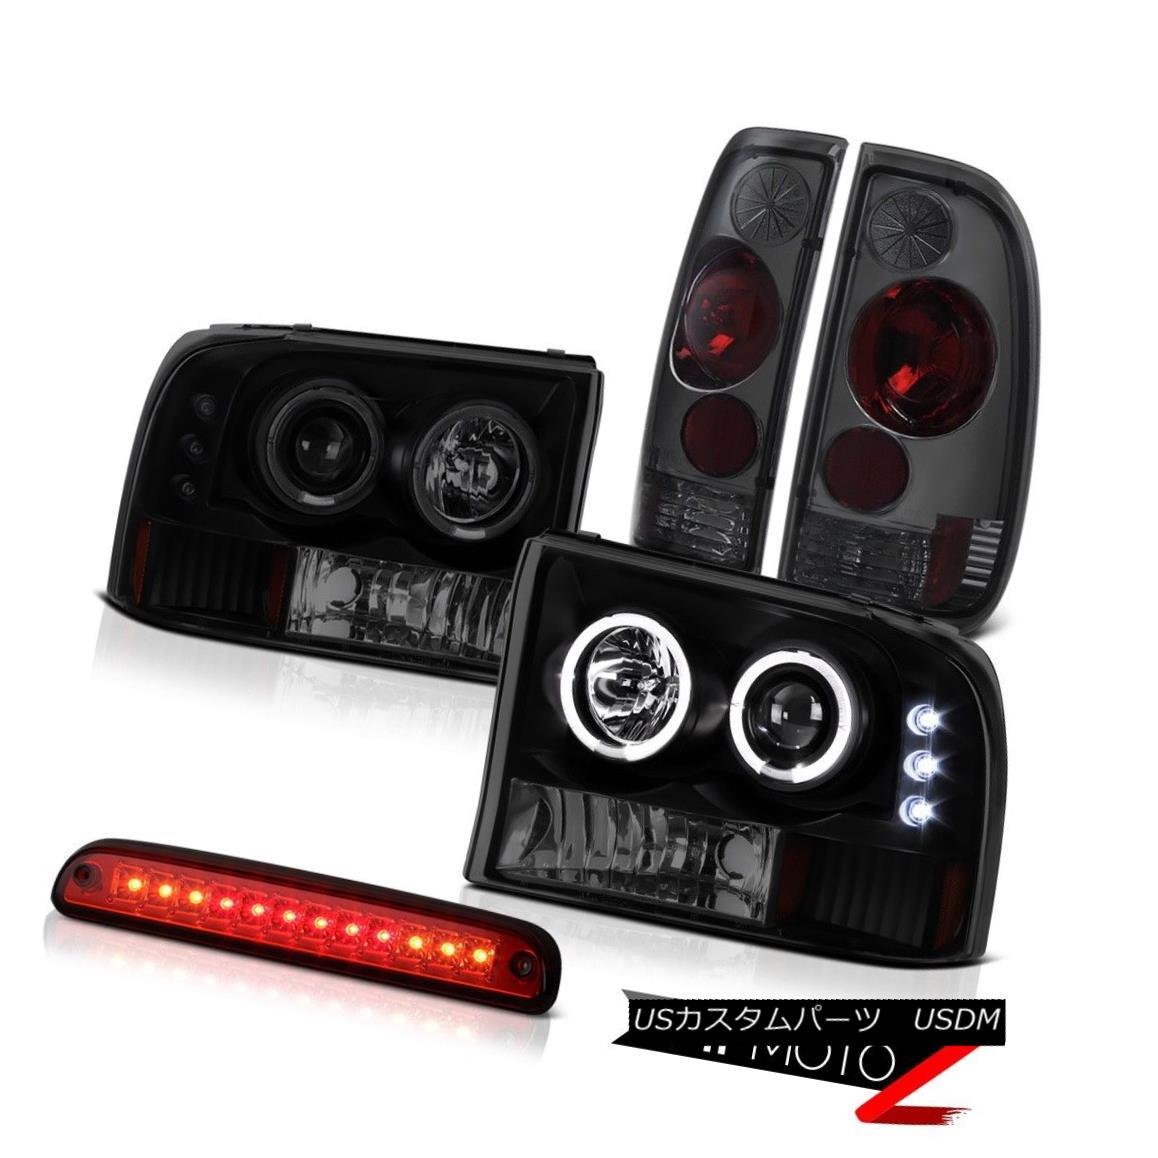 ヘッドライト Halo SINSTER BLACK Headlights High Stop LED Red Smoke Tail Light 99-04 F250 XLT Halo SINISTER BLACKヘッドライトハイストップLED赤煙テールライト99-04 F250 XLT